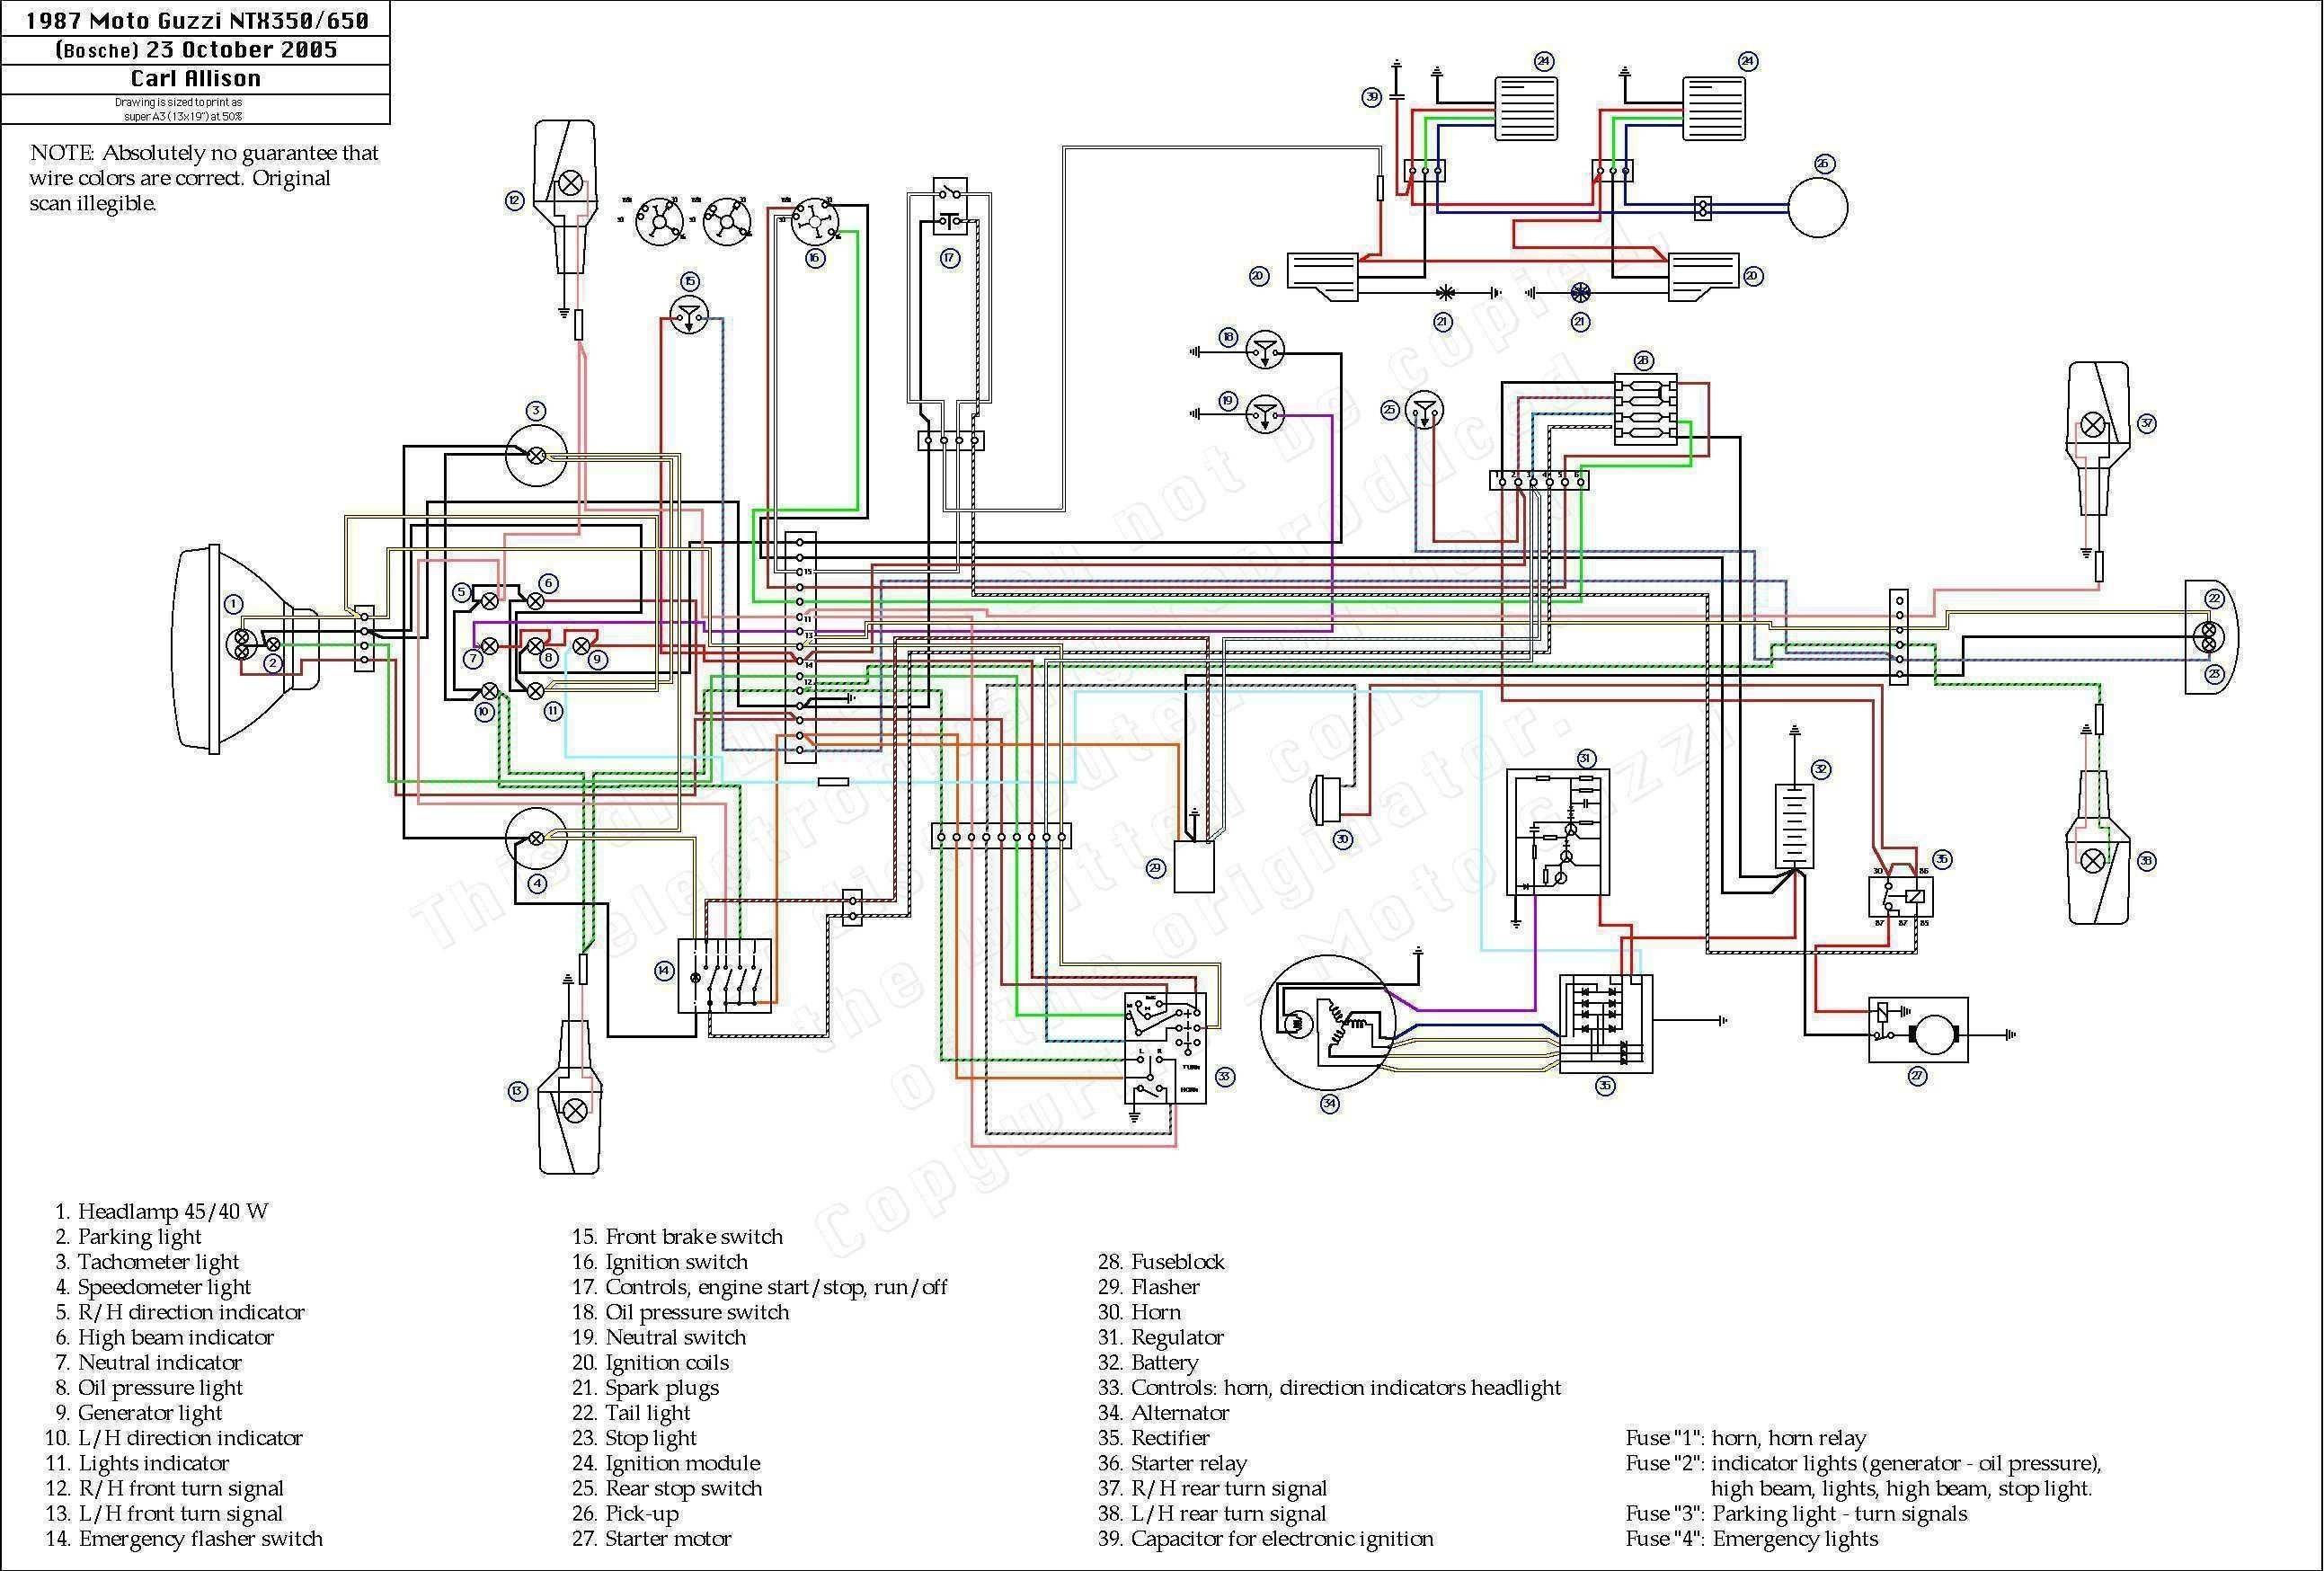 Yamaha Banshee Engine Diagram Yamaha Ignition Switch Wiring Diagram Best Ignition Key Wiring Of Yamaha Banshee Engine Diagram